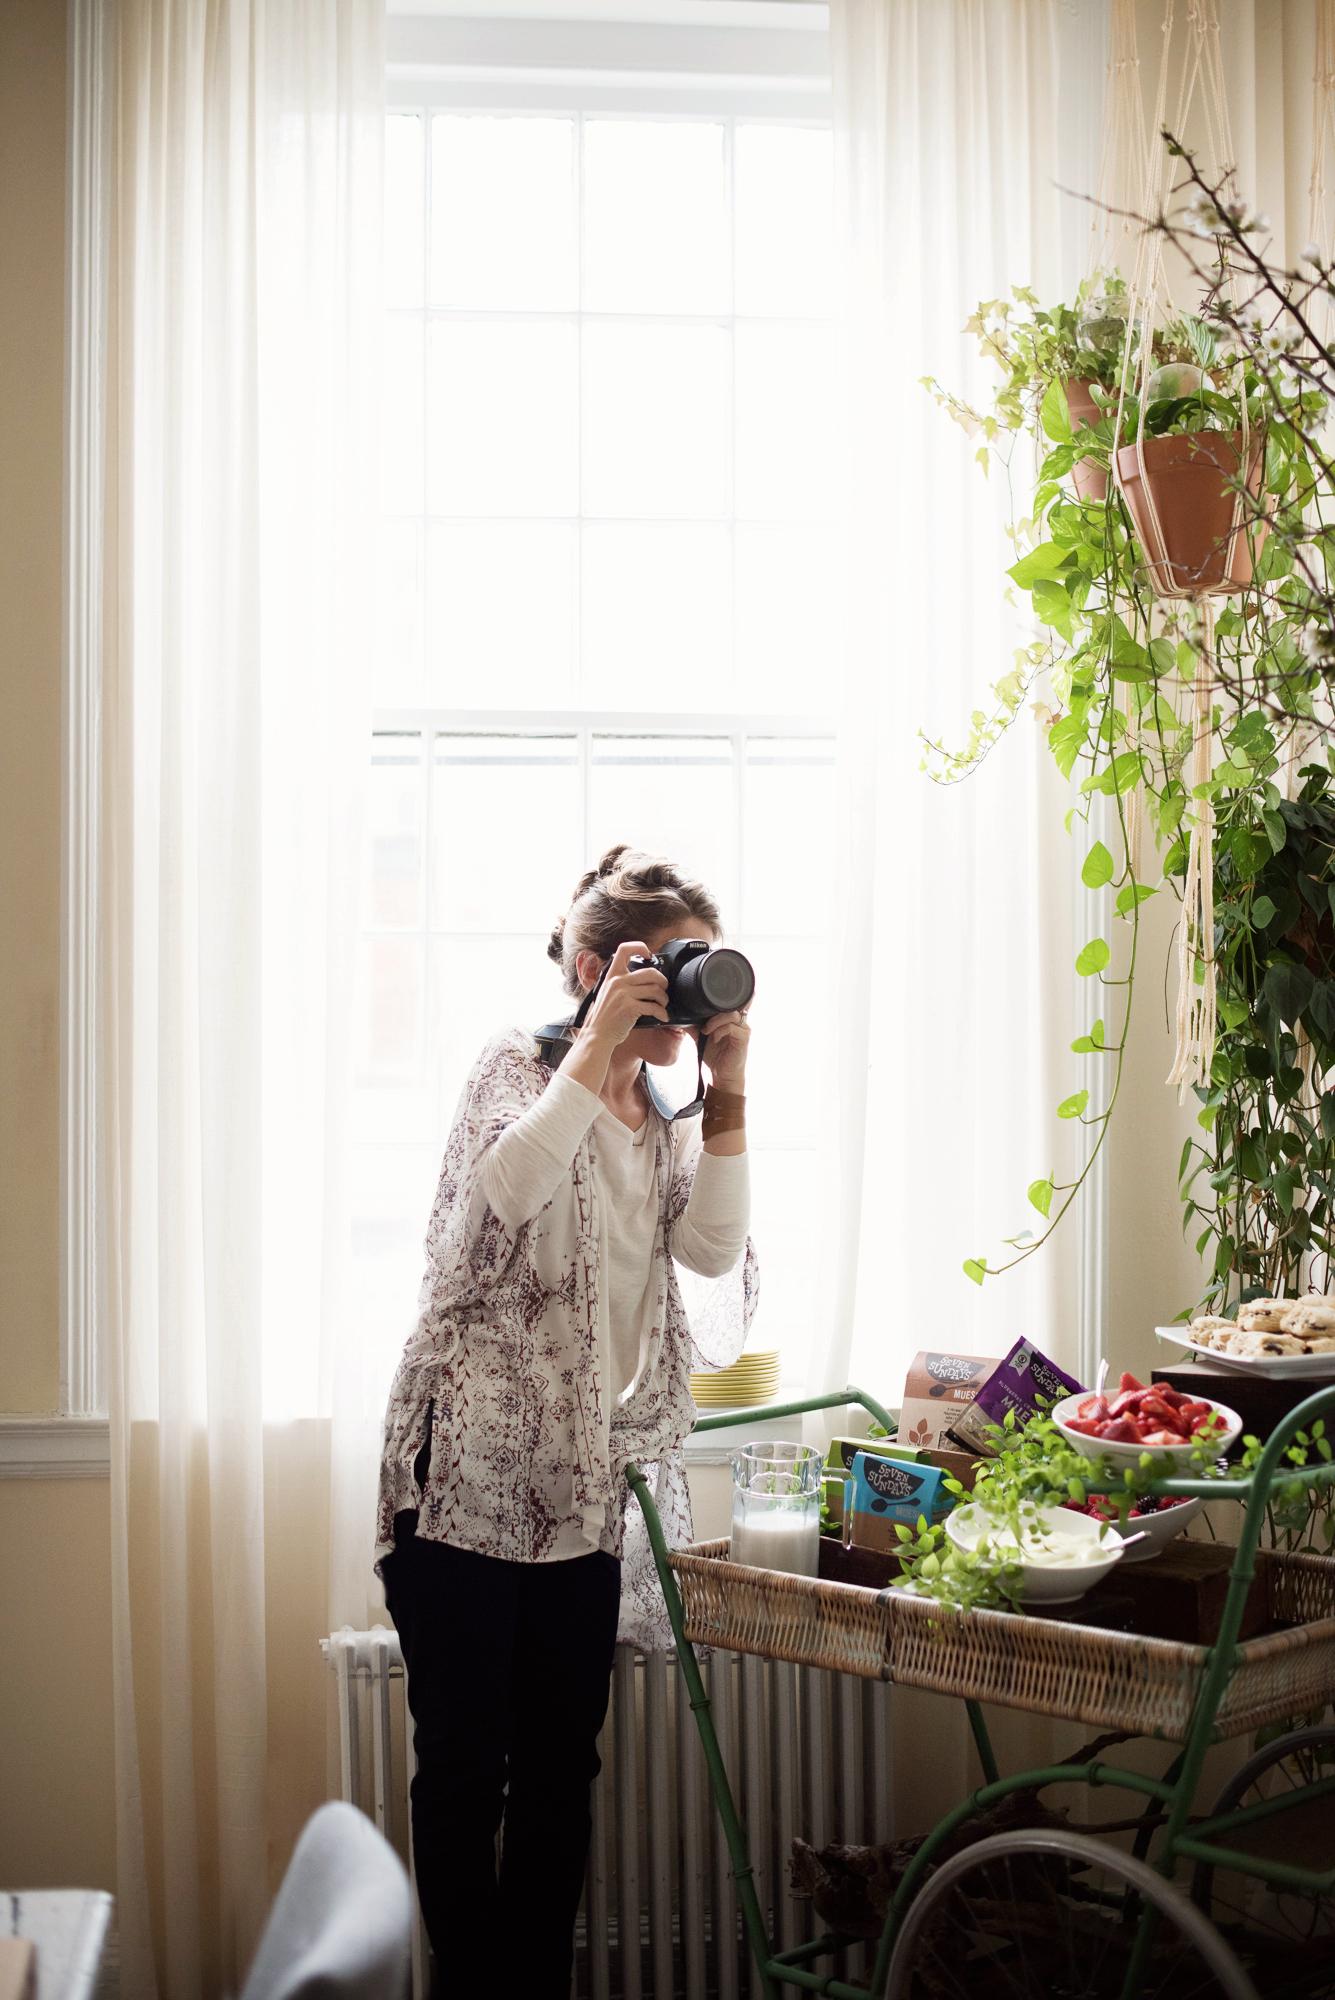 trouvé+magazine+sponsors+thrive+photographers+workshop+DC